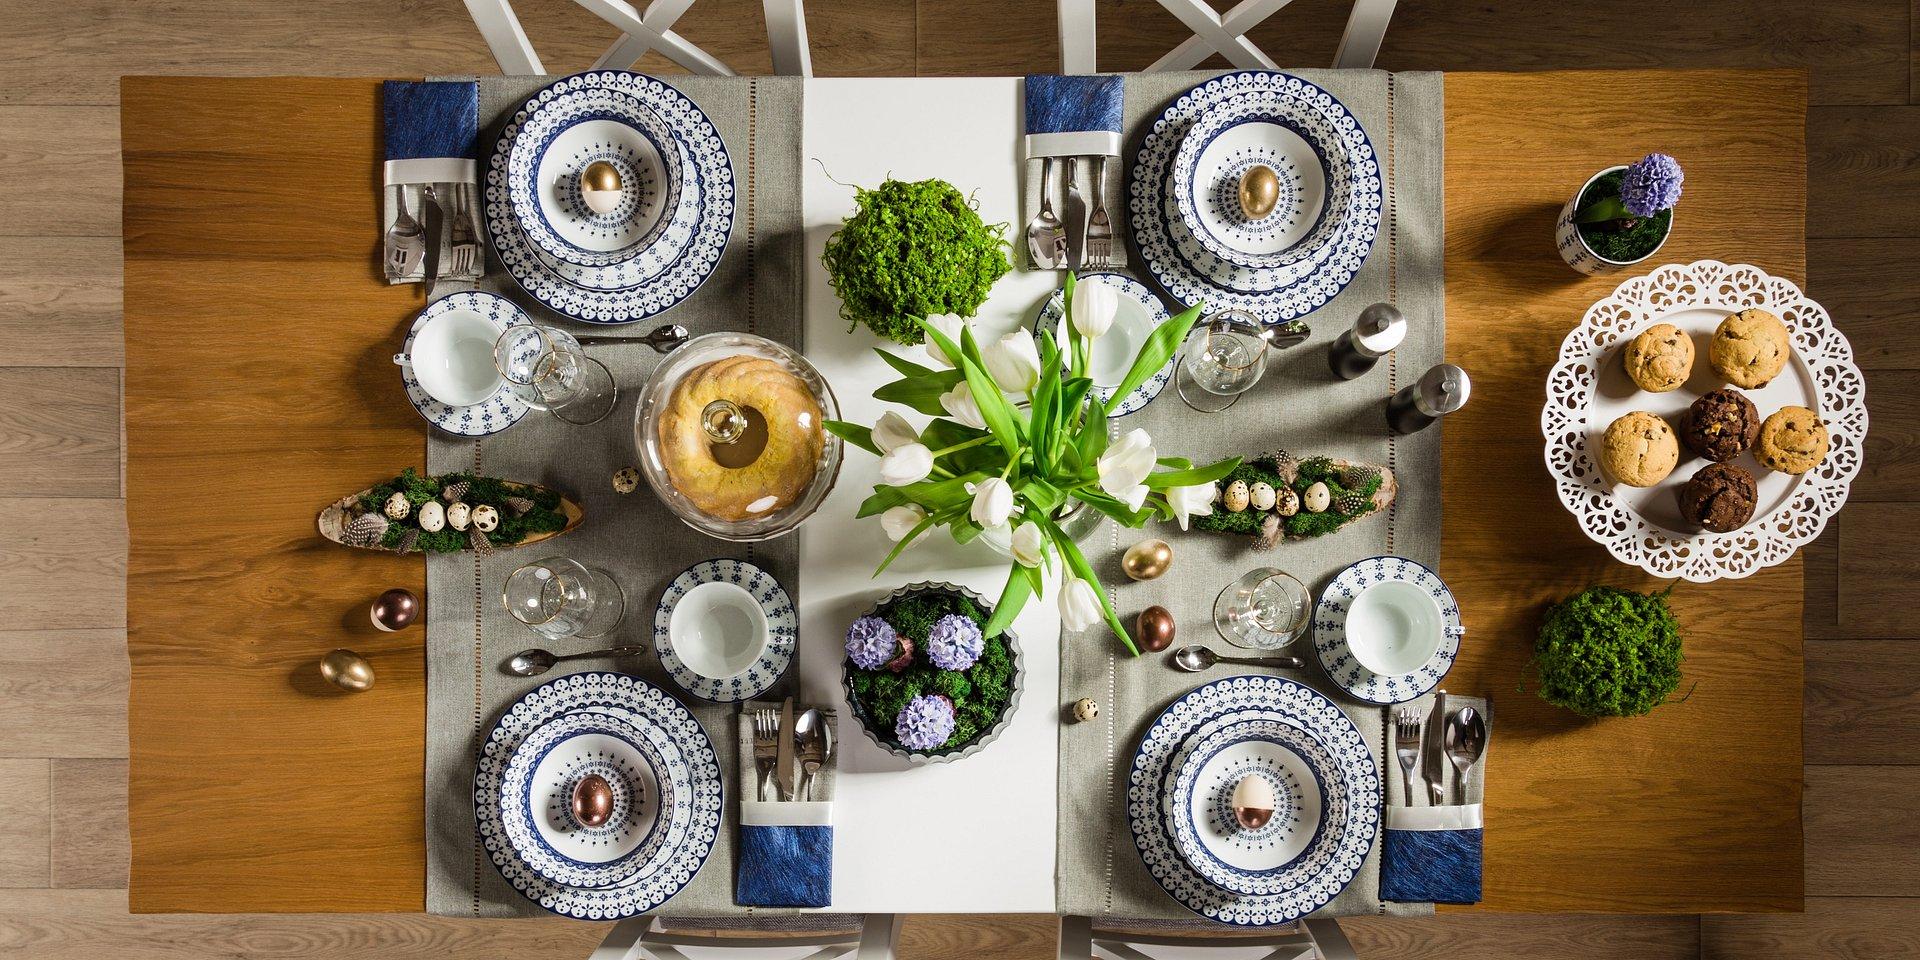 Wielkanocny stół w nowej odsłonie - zainspiruj się!